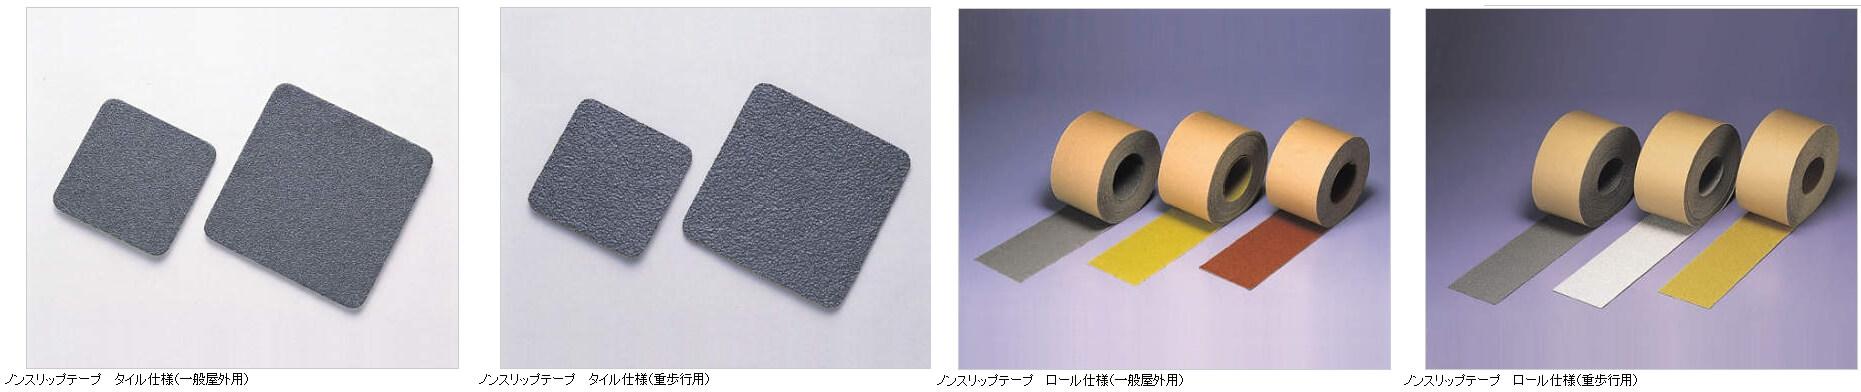 ノンスリップテープ画像 四国化成